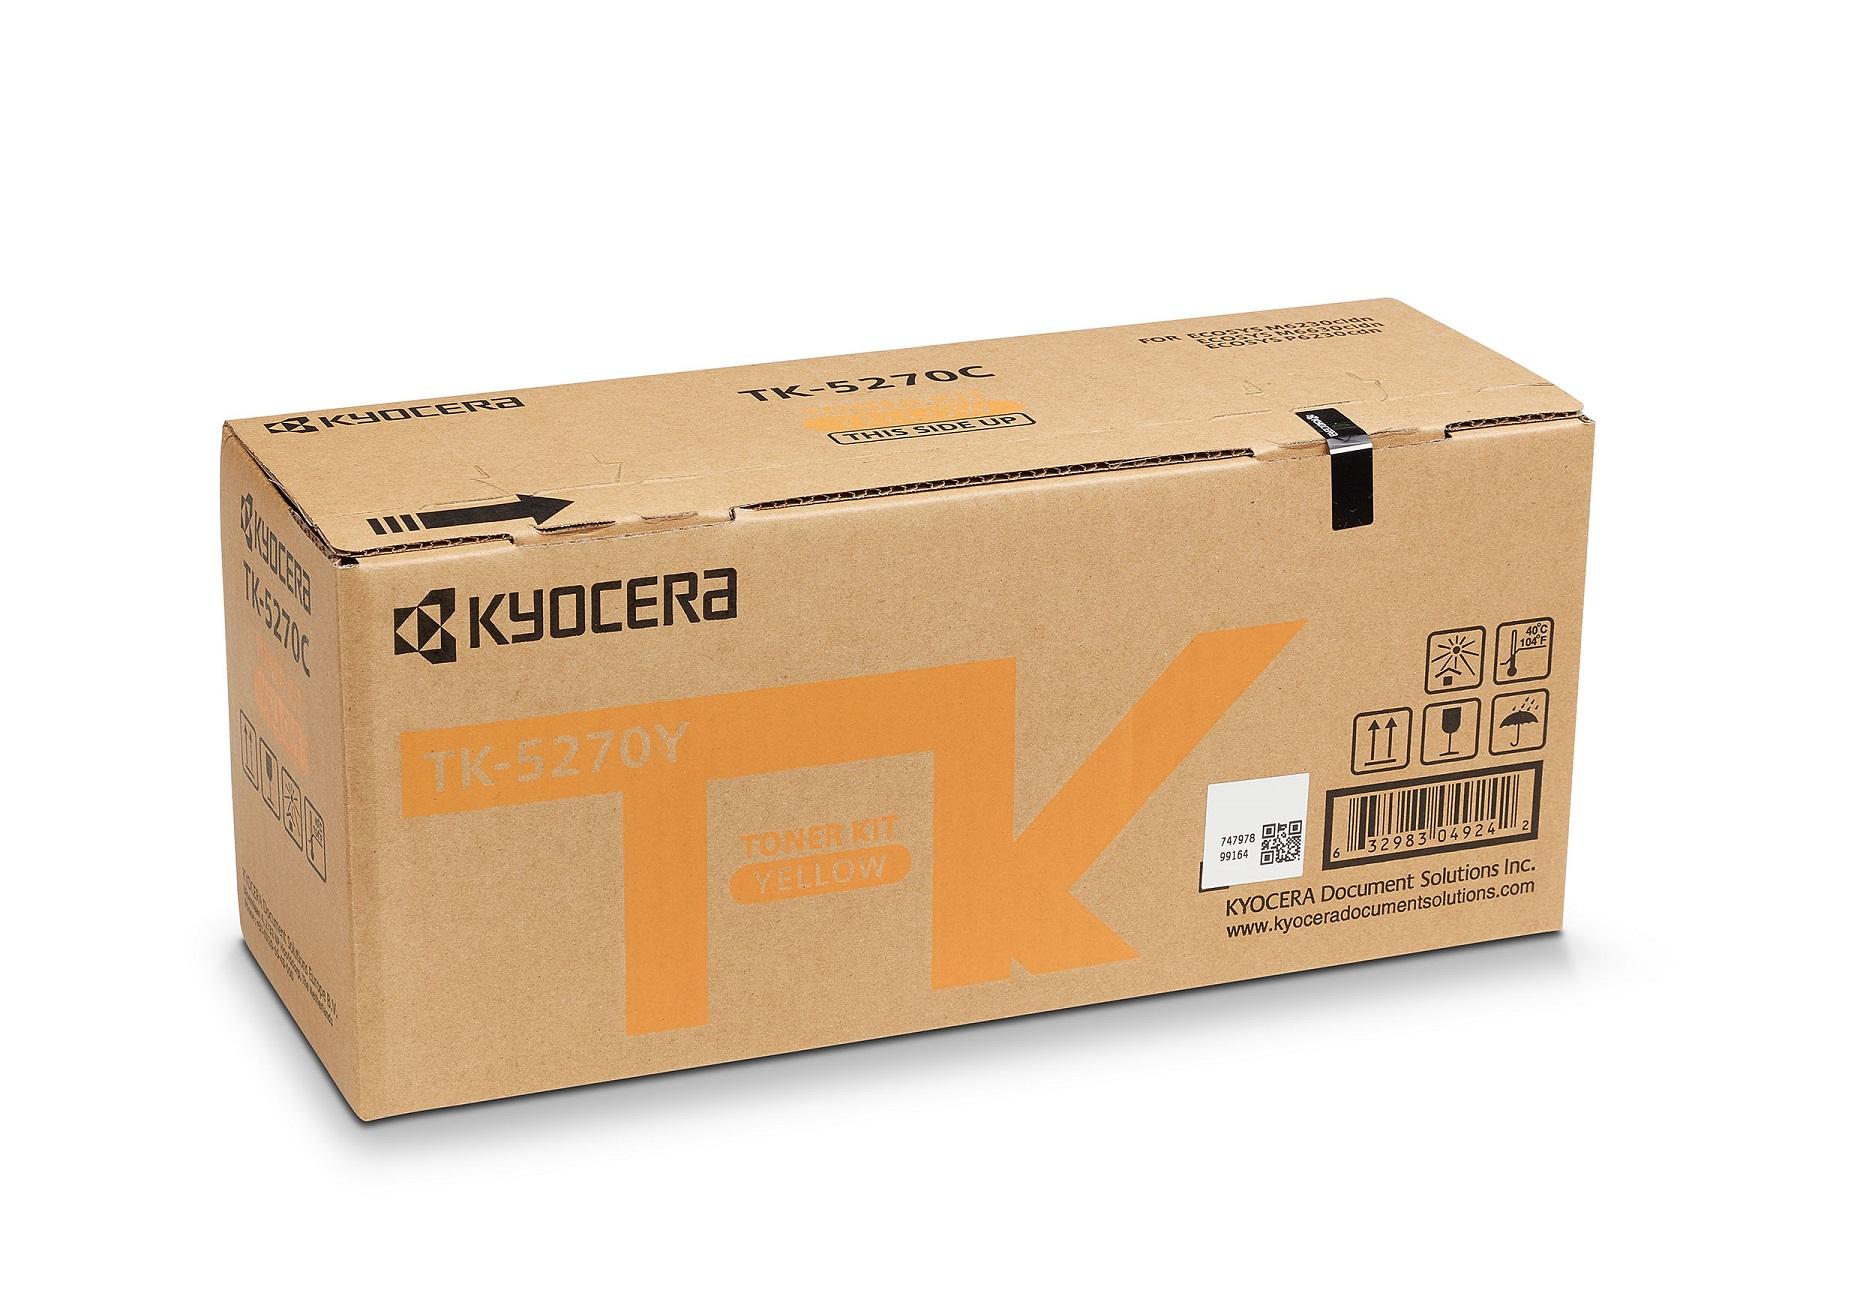 KYOCERA TK-5270Y Original Amarillo 1 pieza(s)